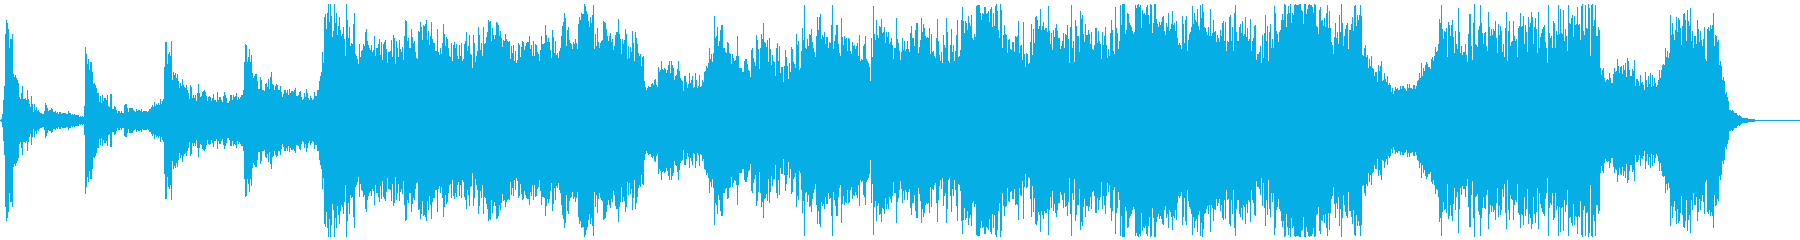 ハリウッド・トレーラー・予告編・ダークの再生済みの波形